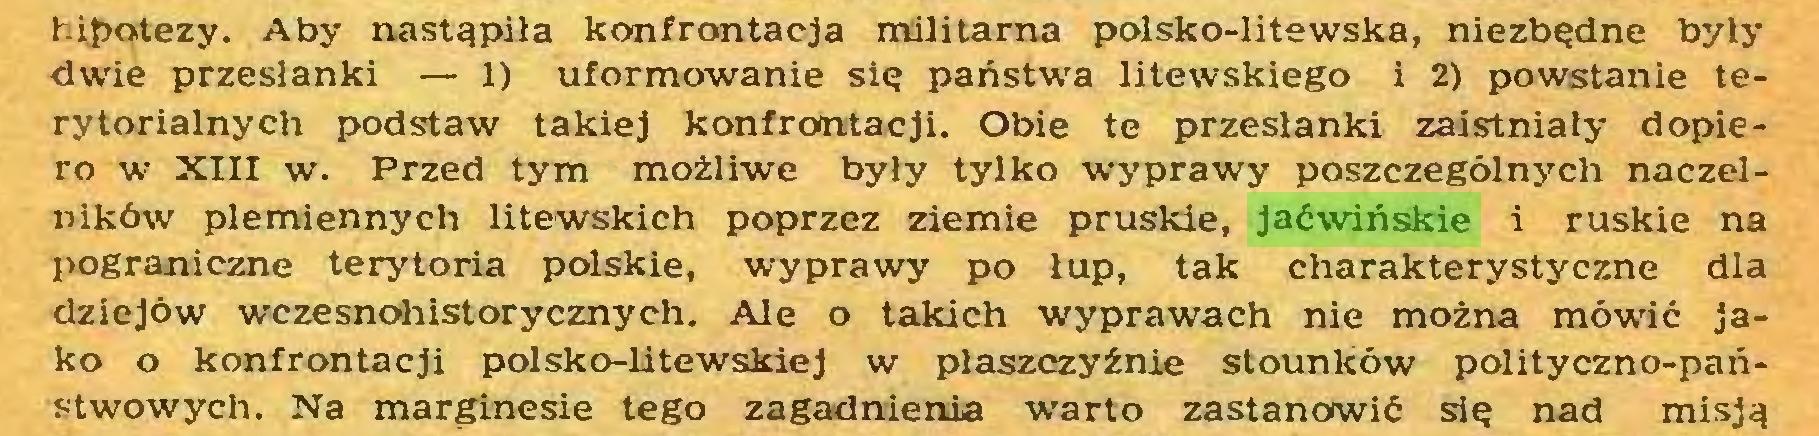 (...) hipotezy. Aby nastąpiła konfrontacja militarna polsko-litewska, niezbędne były dwie przesłanki — 1) uformowanie się państwa litewskiego i 2) powstanie terytorialnych podstaw takiej konfrontacji. Obie te przesłanki zaistniały dopiero w XIII w. Przed tym możliwe były tylko wyprawy poszczególnych naczelników plemiennych litewskich poprzez ziemie pruskie, jaćwińskie i ruskie na pograniczne terytoria polskie, wyprawy po łup, tak charakterystyczne dla dziejów wczesnohistorycznych. Ale o takich wyprawach nie można mówić jako o konfrontacji polsko-litewskiej w płaszczyźnie stounków polityczno-państwowych. Na marginesie tego zagadnienia warto zastanowić się nad misją...